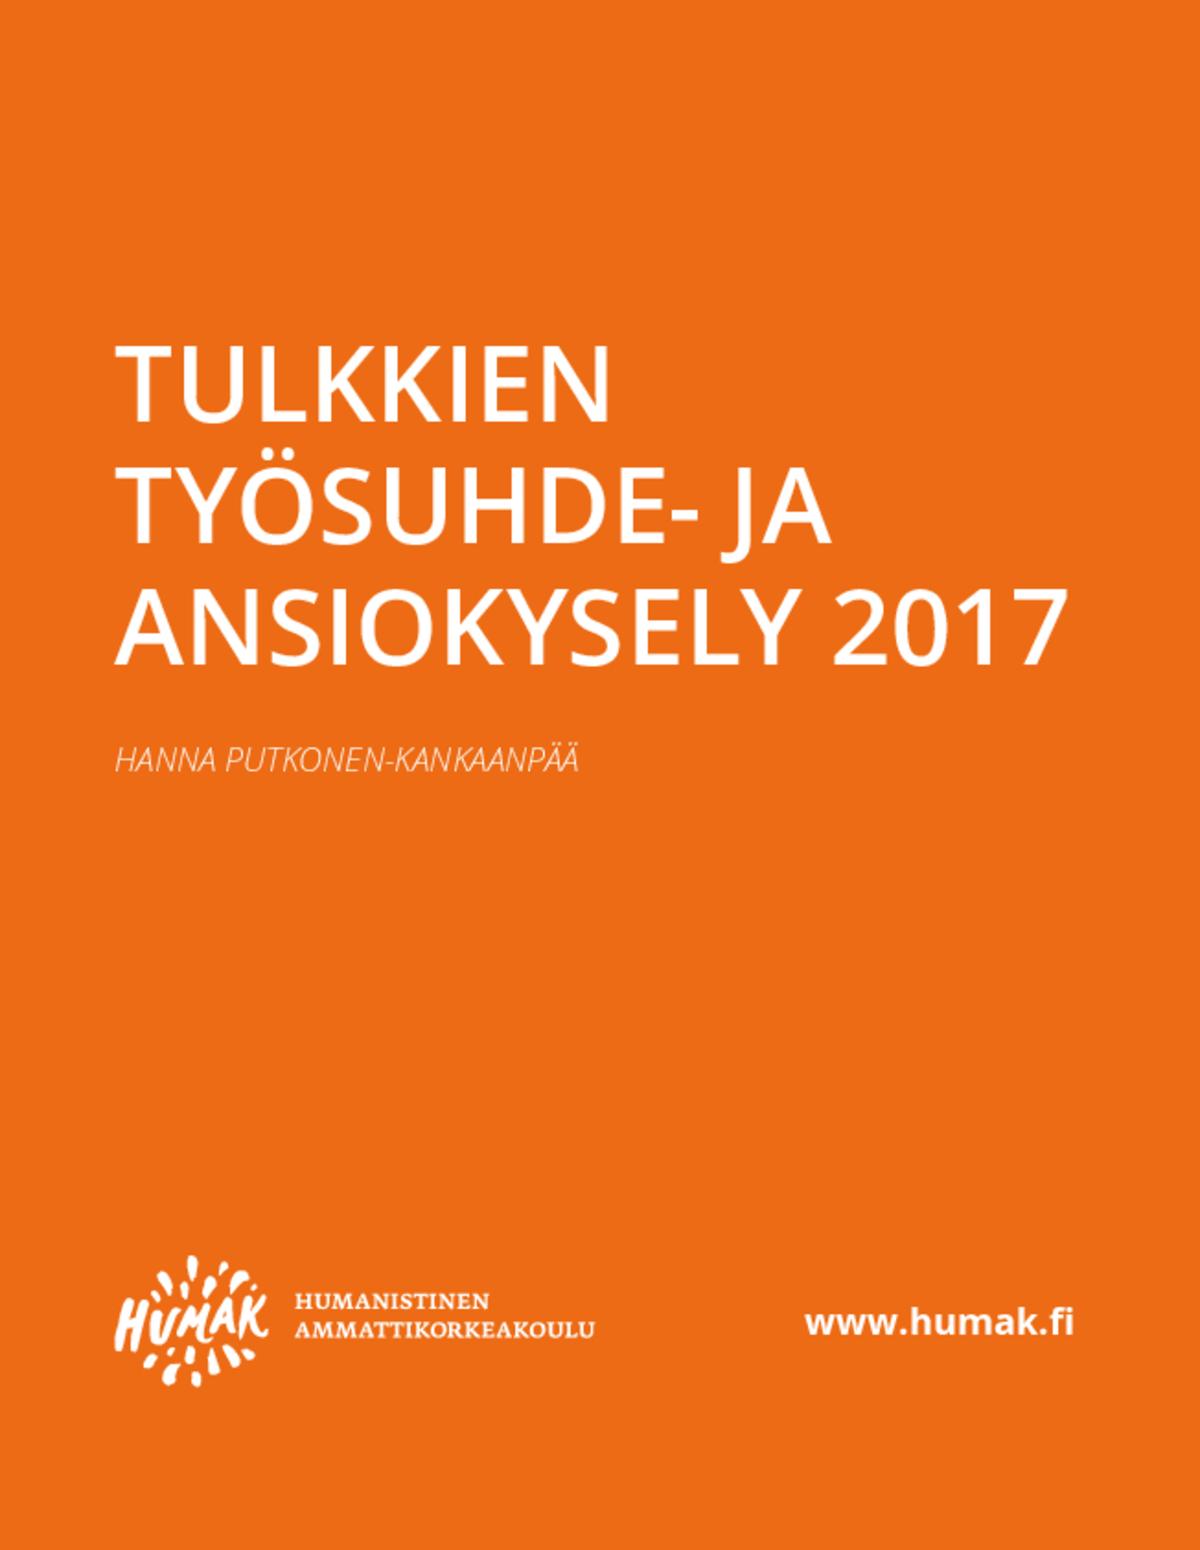 Tulkkien työsuhde- ja ansiokysely 2017